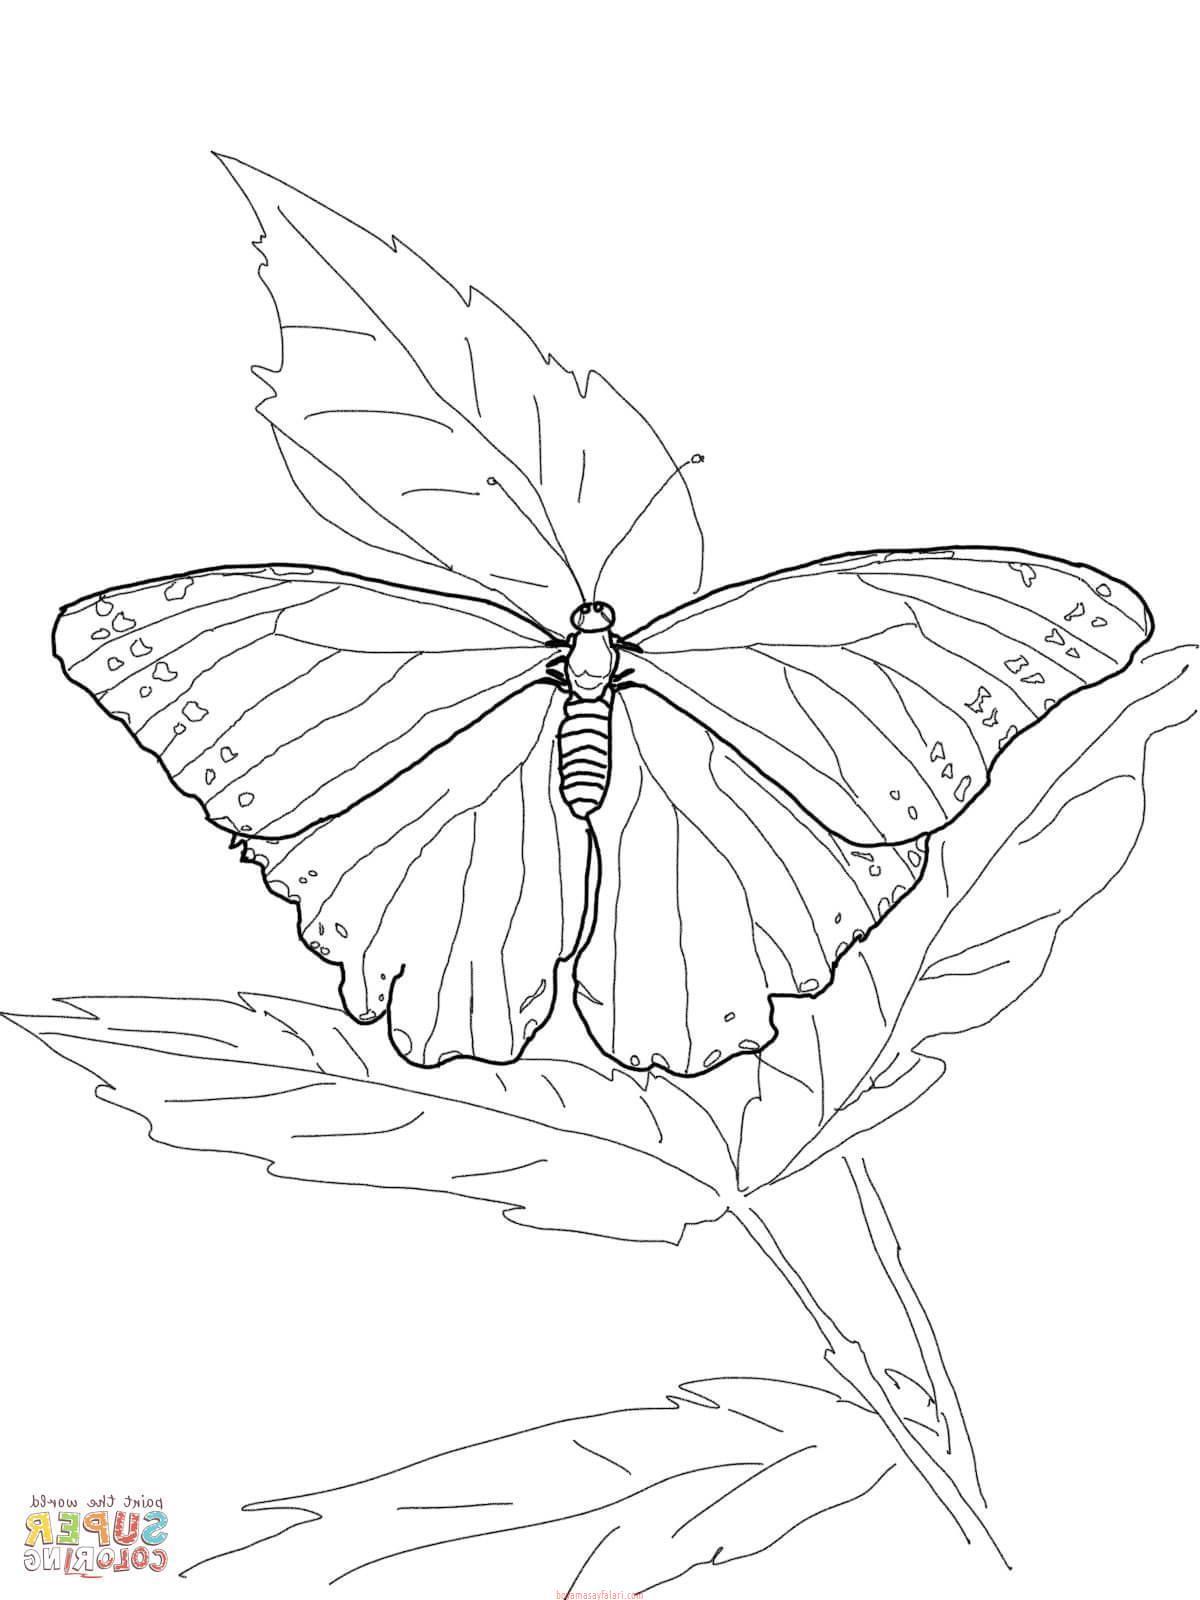 Kelebek Sablonlari 4 Sinif Ogretmenleri Icin Ucretsiz Ozgun